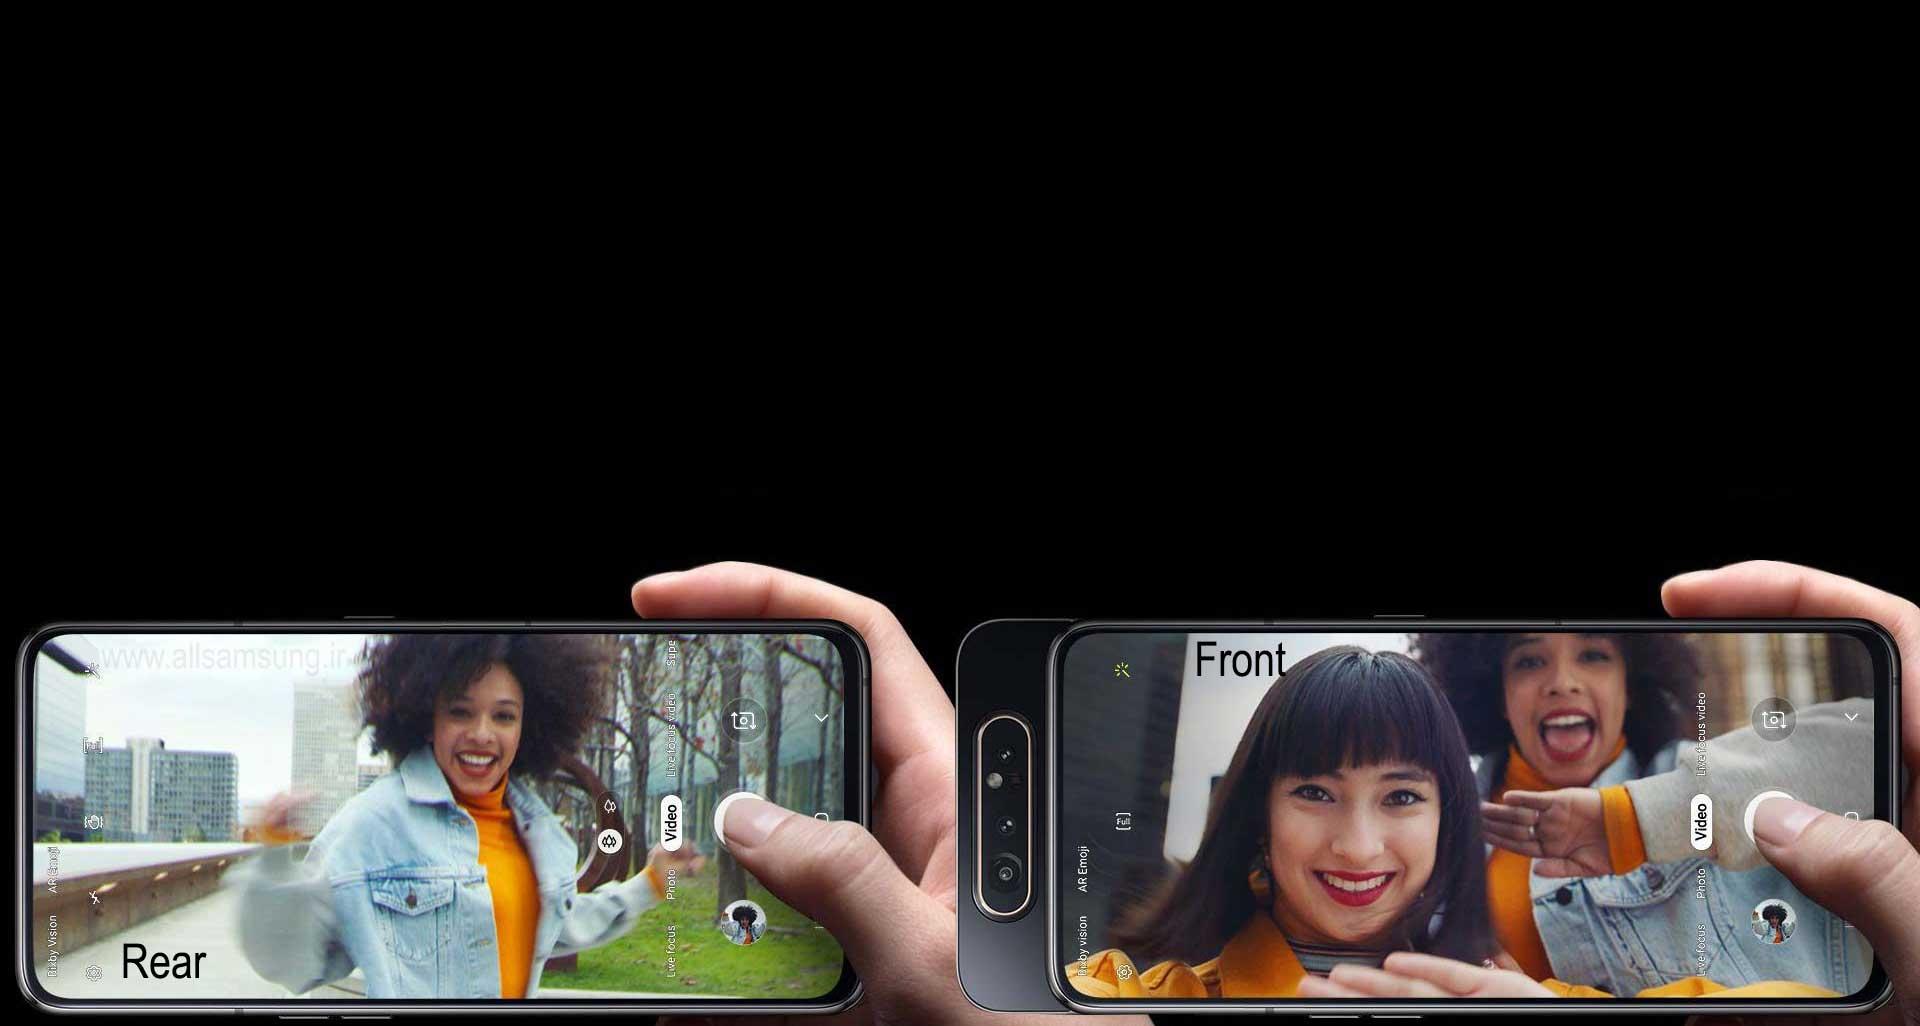 ثبت جزییات بیشتر با دوربین گوشی مدل A805 سامسونگ